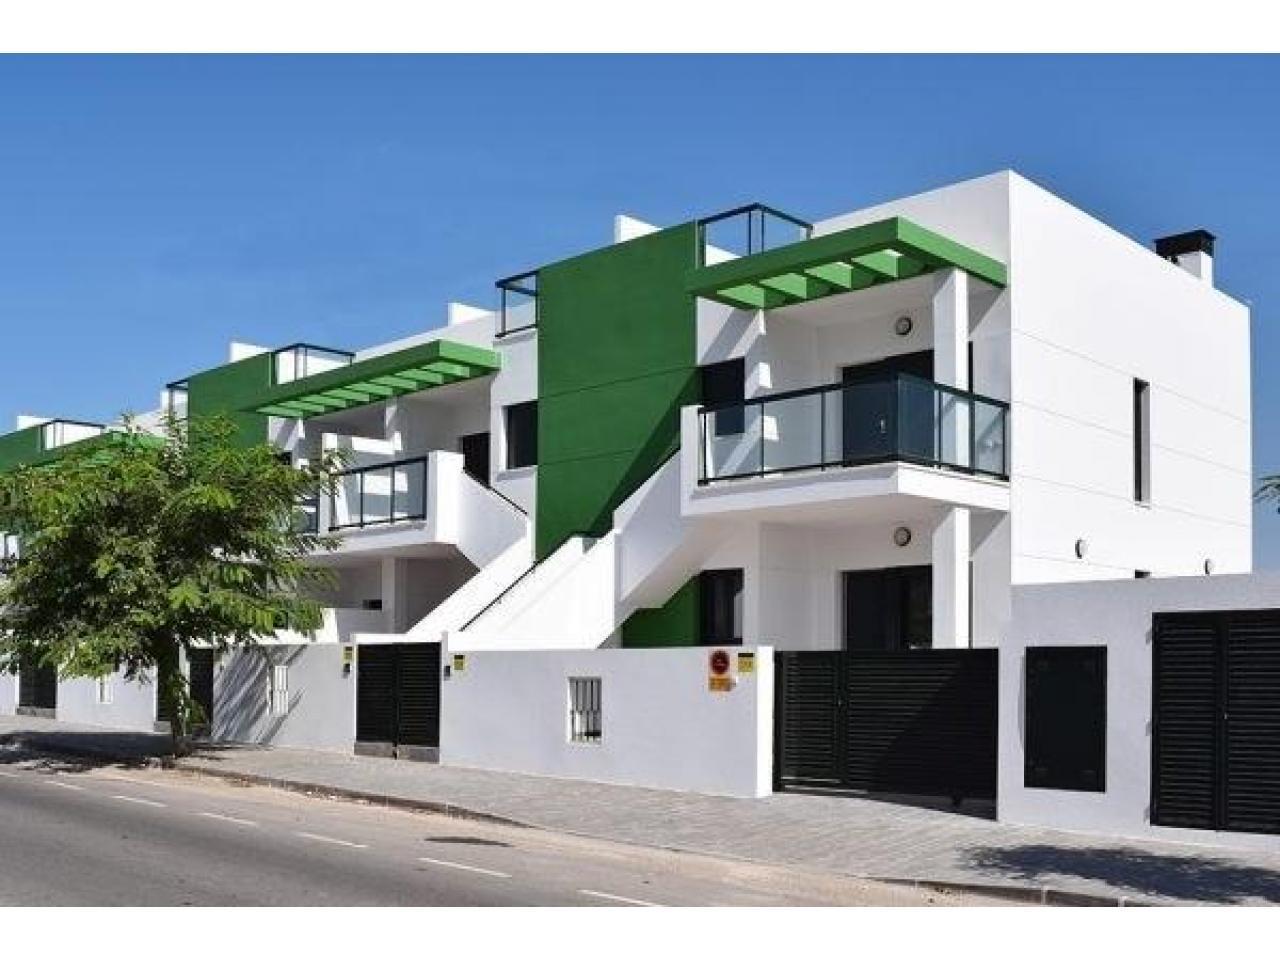 Недвижимость в Испании, Новые бунгало рядом с пляжем от застройщика в Миль Пальмерас - 3